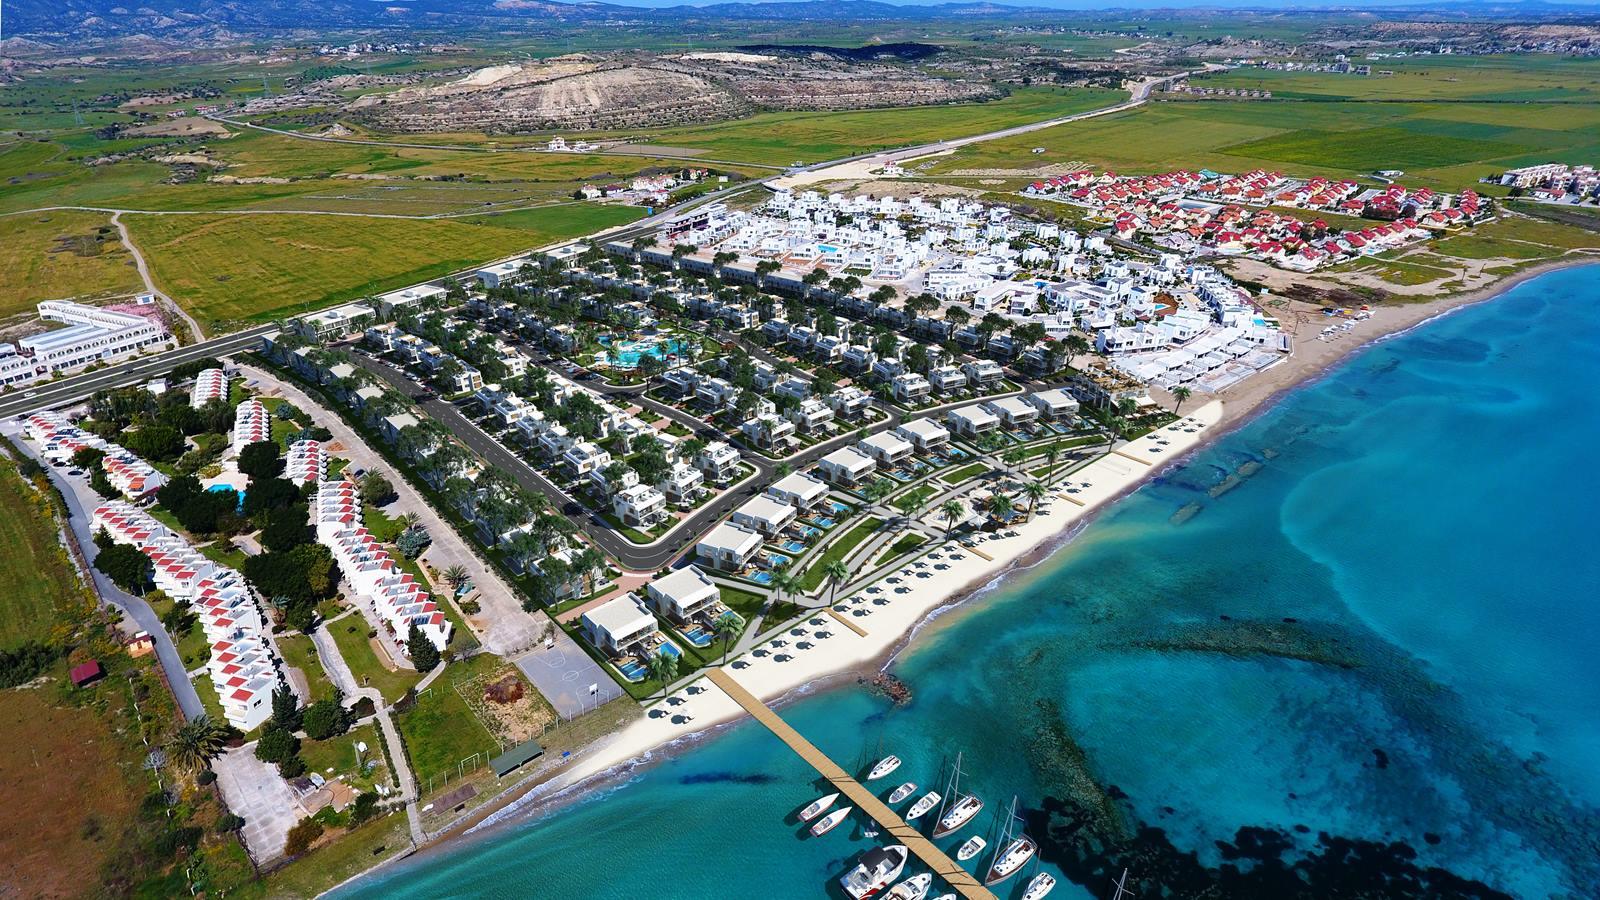 Four Seasons Life, Iskele, Middelhavet, feriebolig, strand, sol, Long Beach, pool, basseng, restaurant, vannsklie, Bogaz